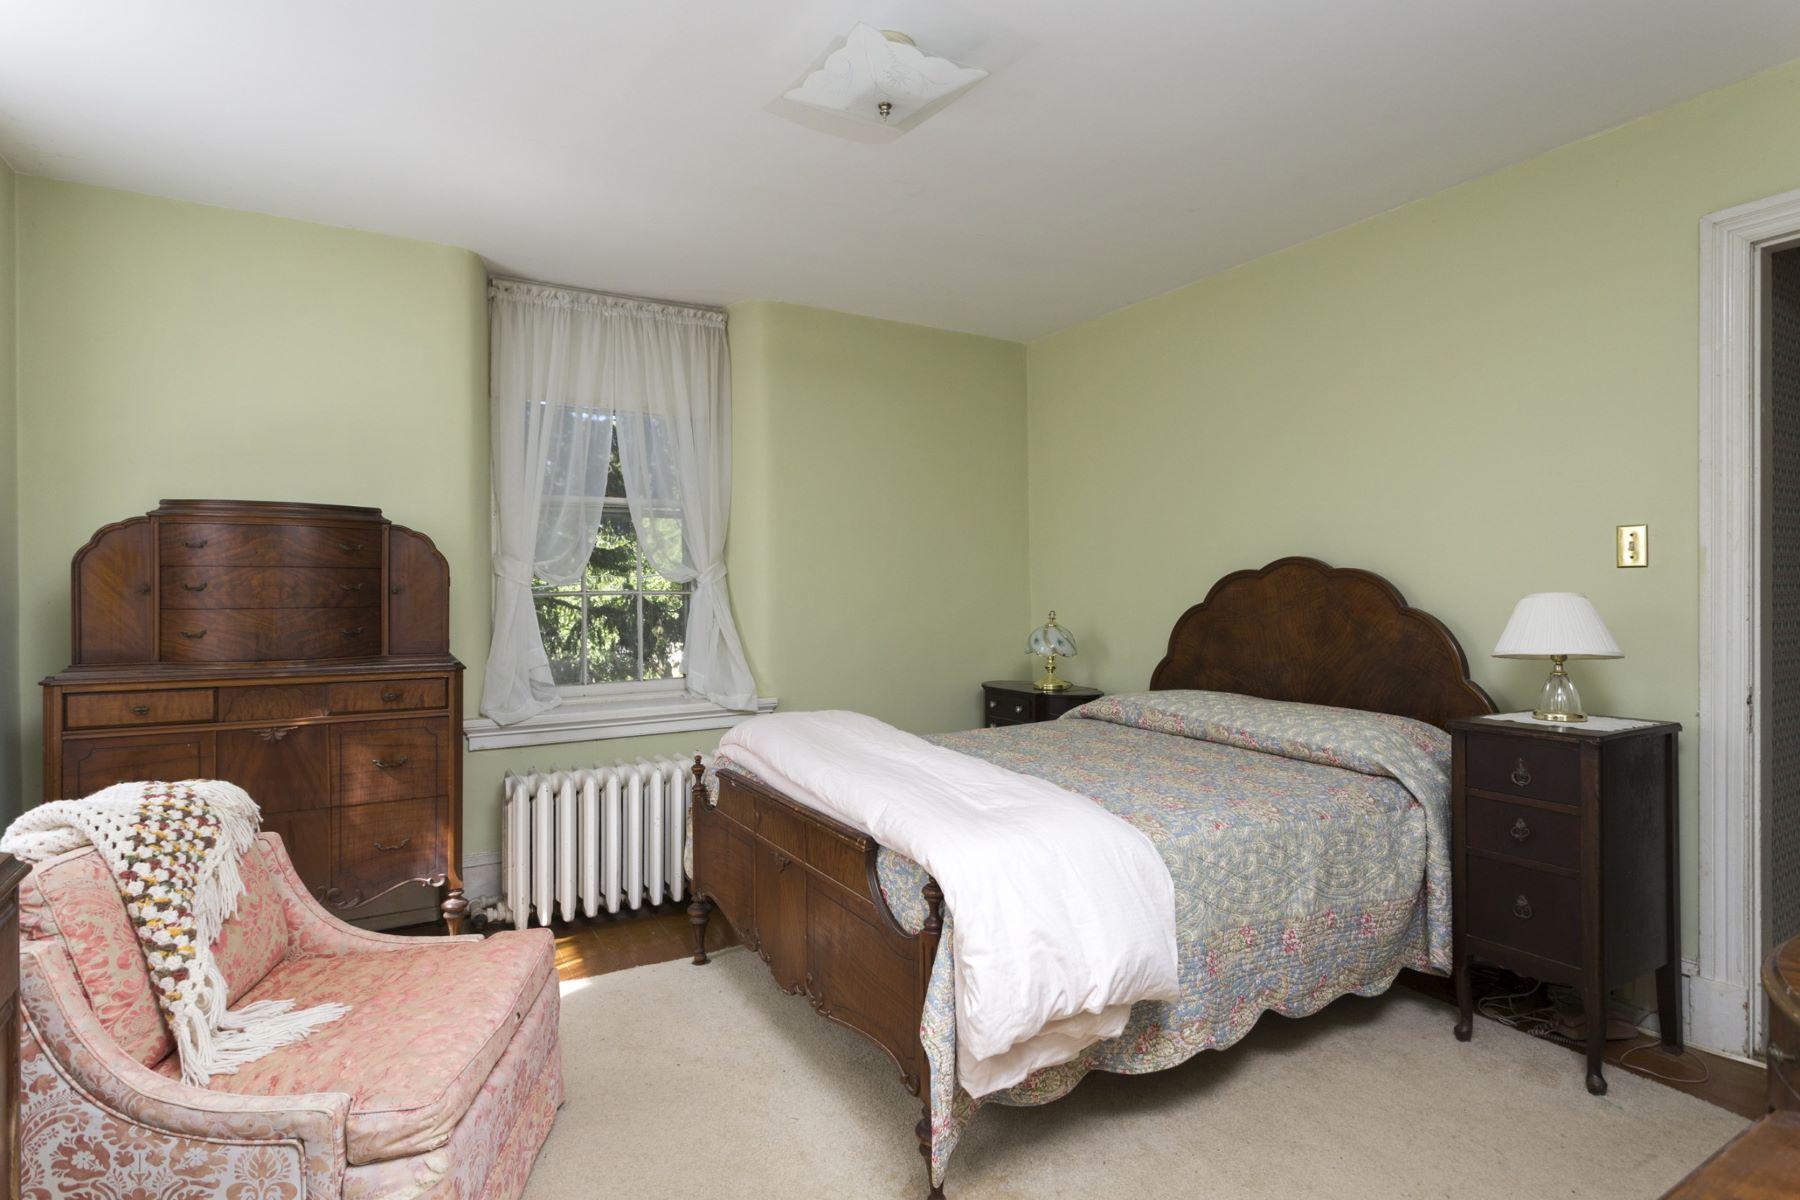 Additional photo for property listing at 503 Bryn Mawr Ave  Bala Cynwyd, Pennsylvania 19004 Estados Unidos